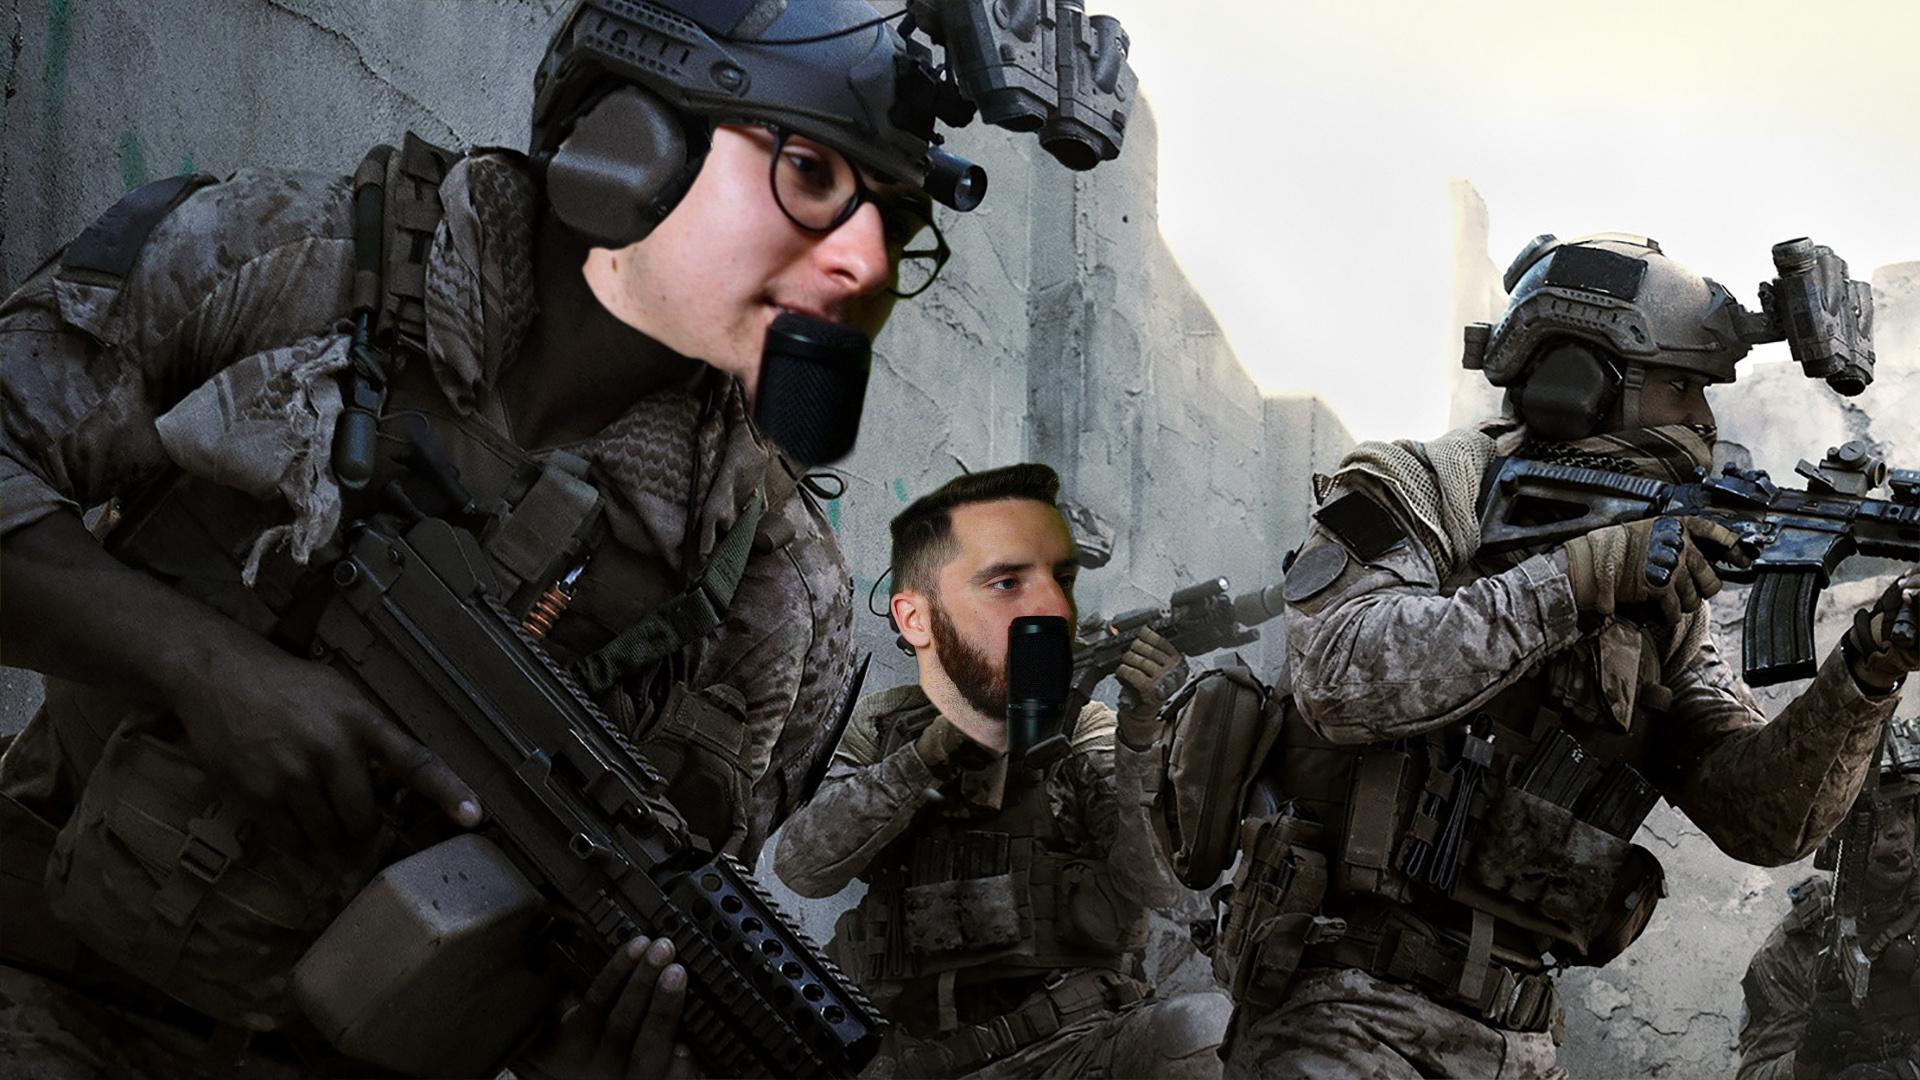 Call of Duty pokročilé vojny dohazování otázky expat datovania v Holandsku